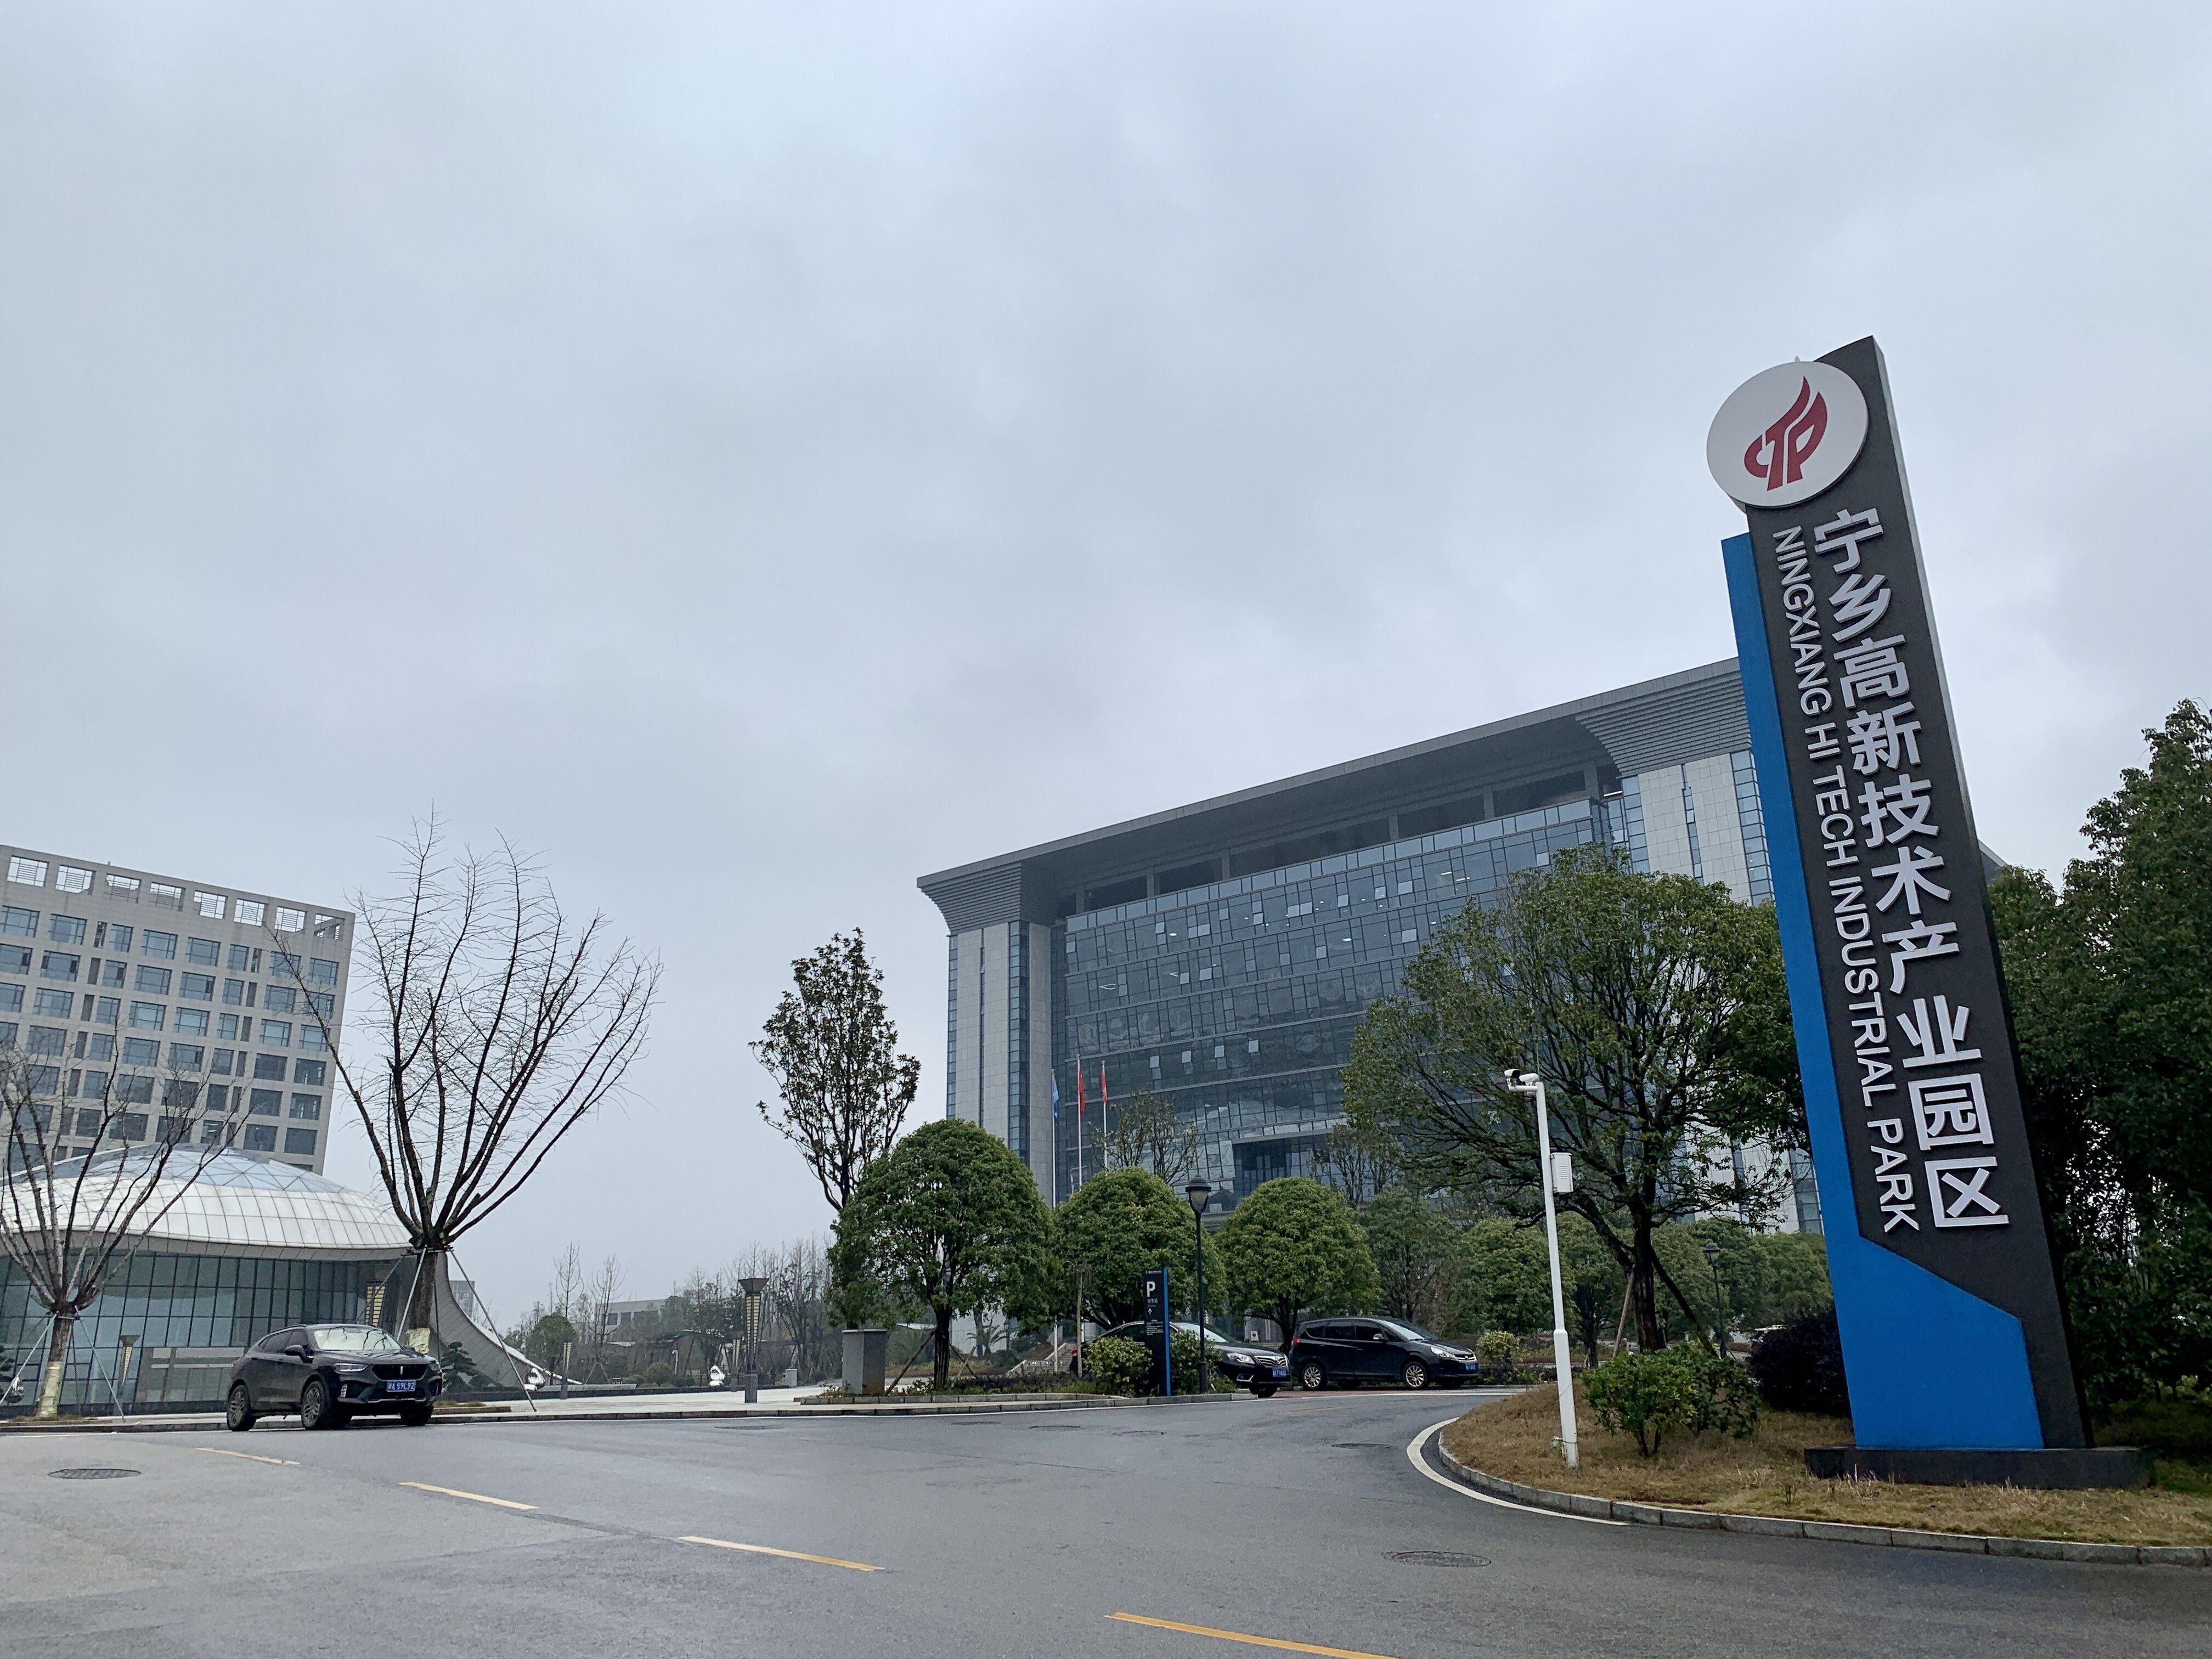 中国(金洲)锂电谷:宁乡高新区打造千亿储能材料产业